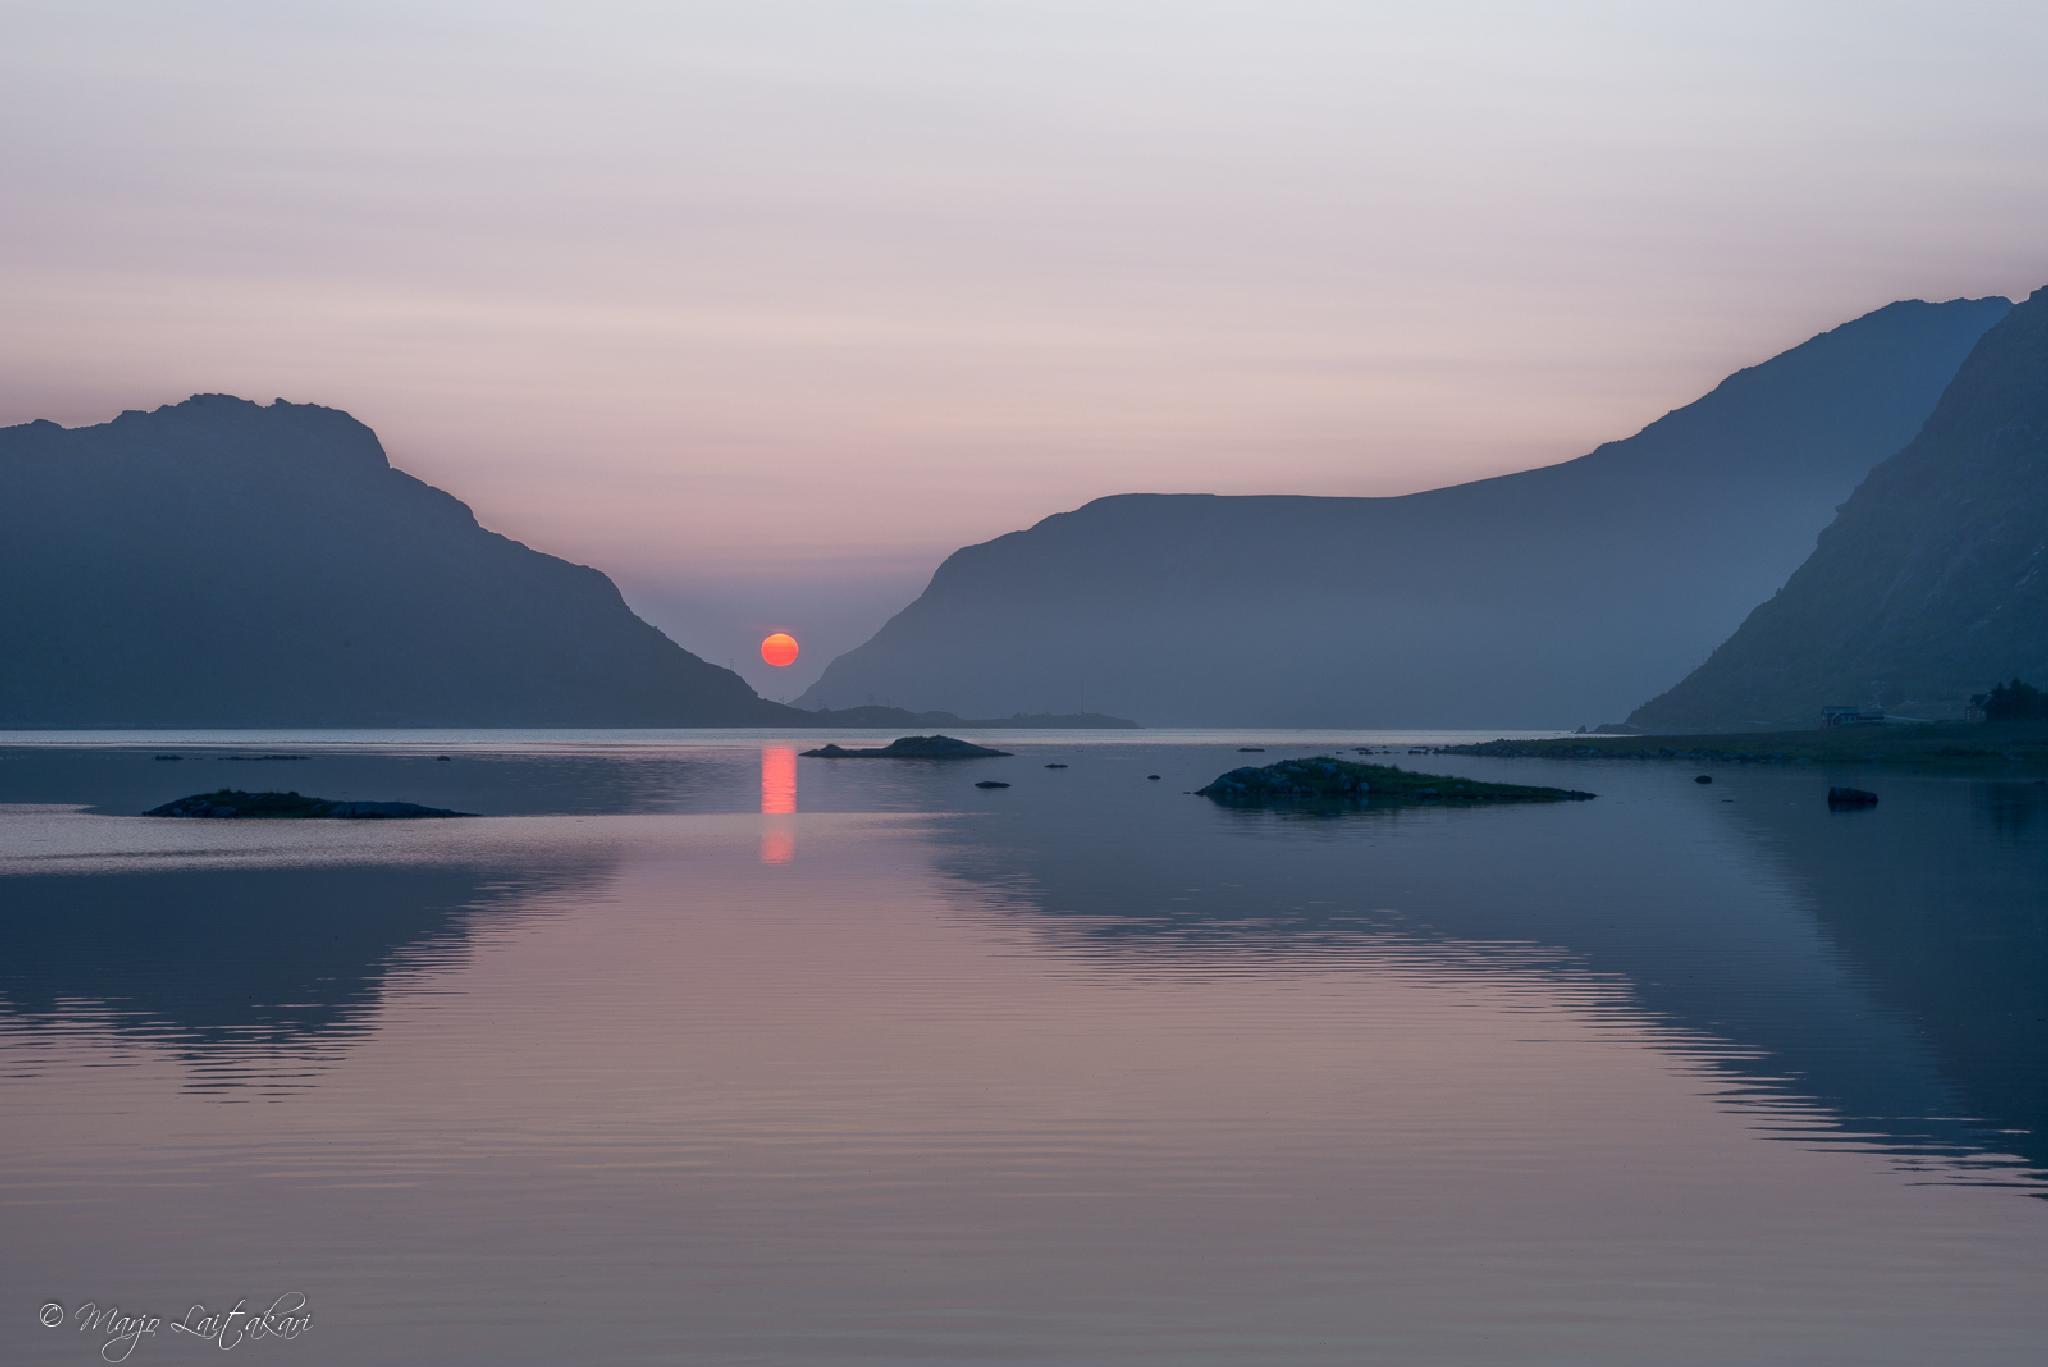 Midnight sun at Bø, Lofoten, Norway by Marjo Laitakari